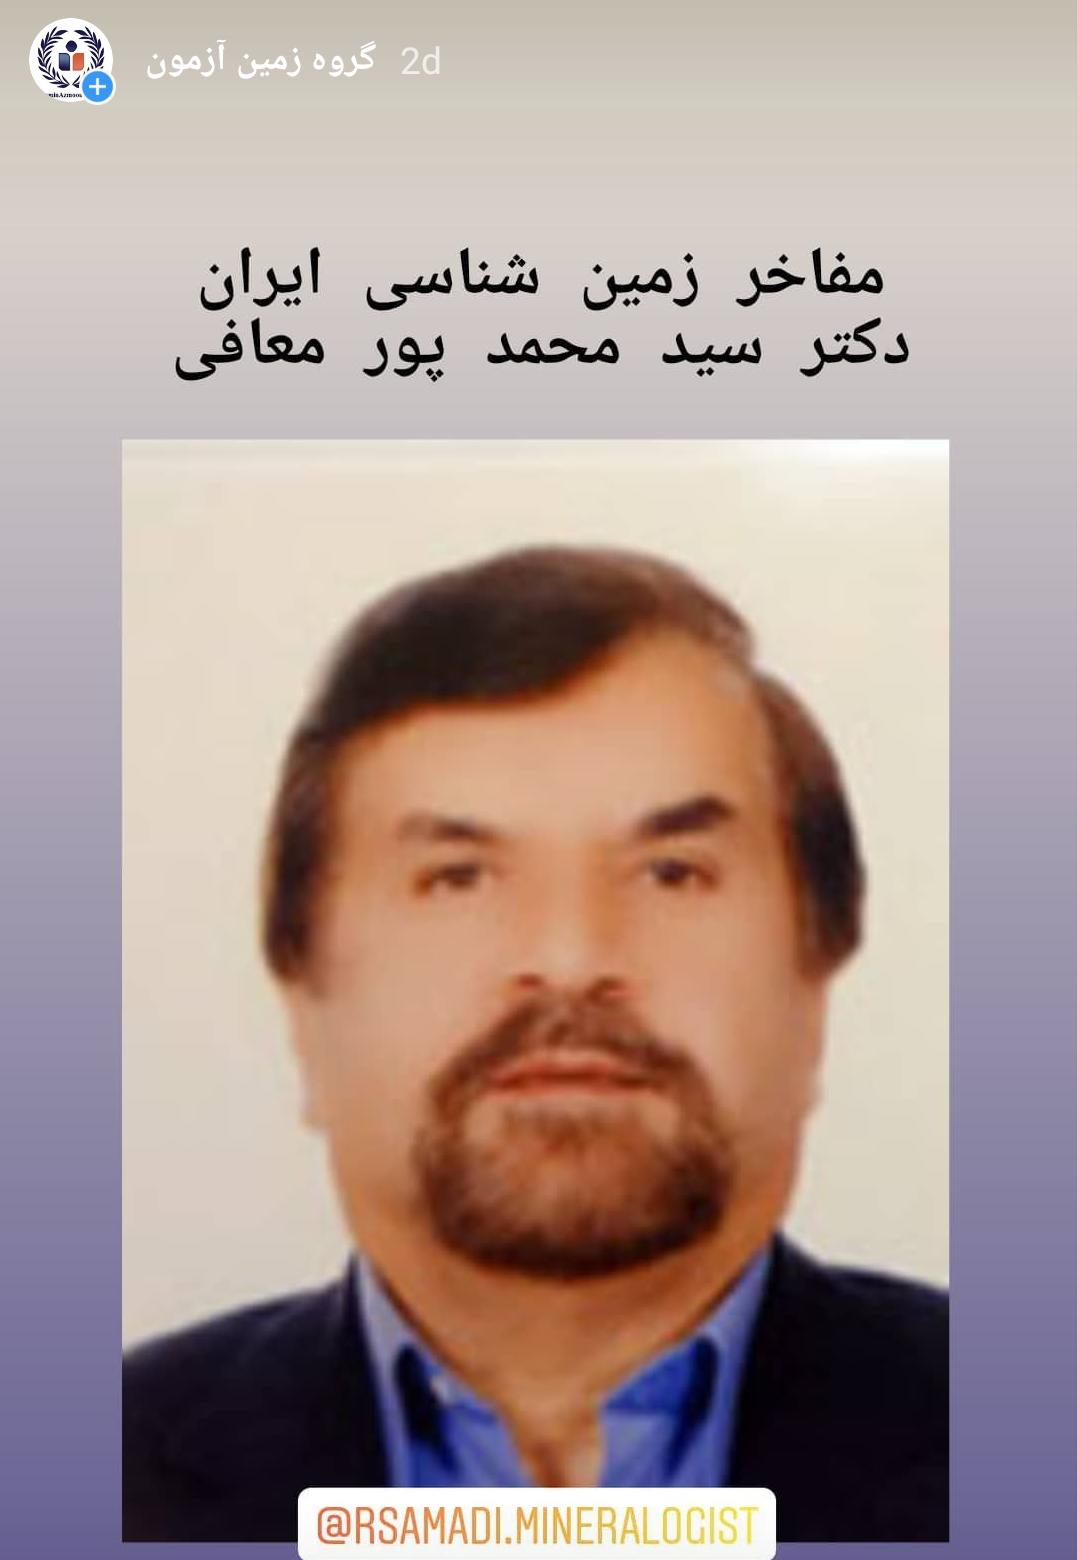 دکتر سید محمد پورمعافی